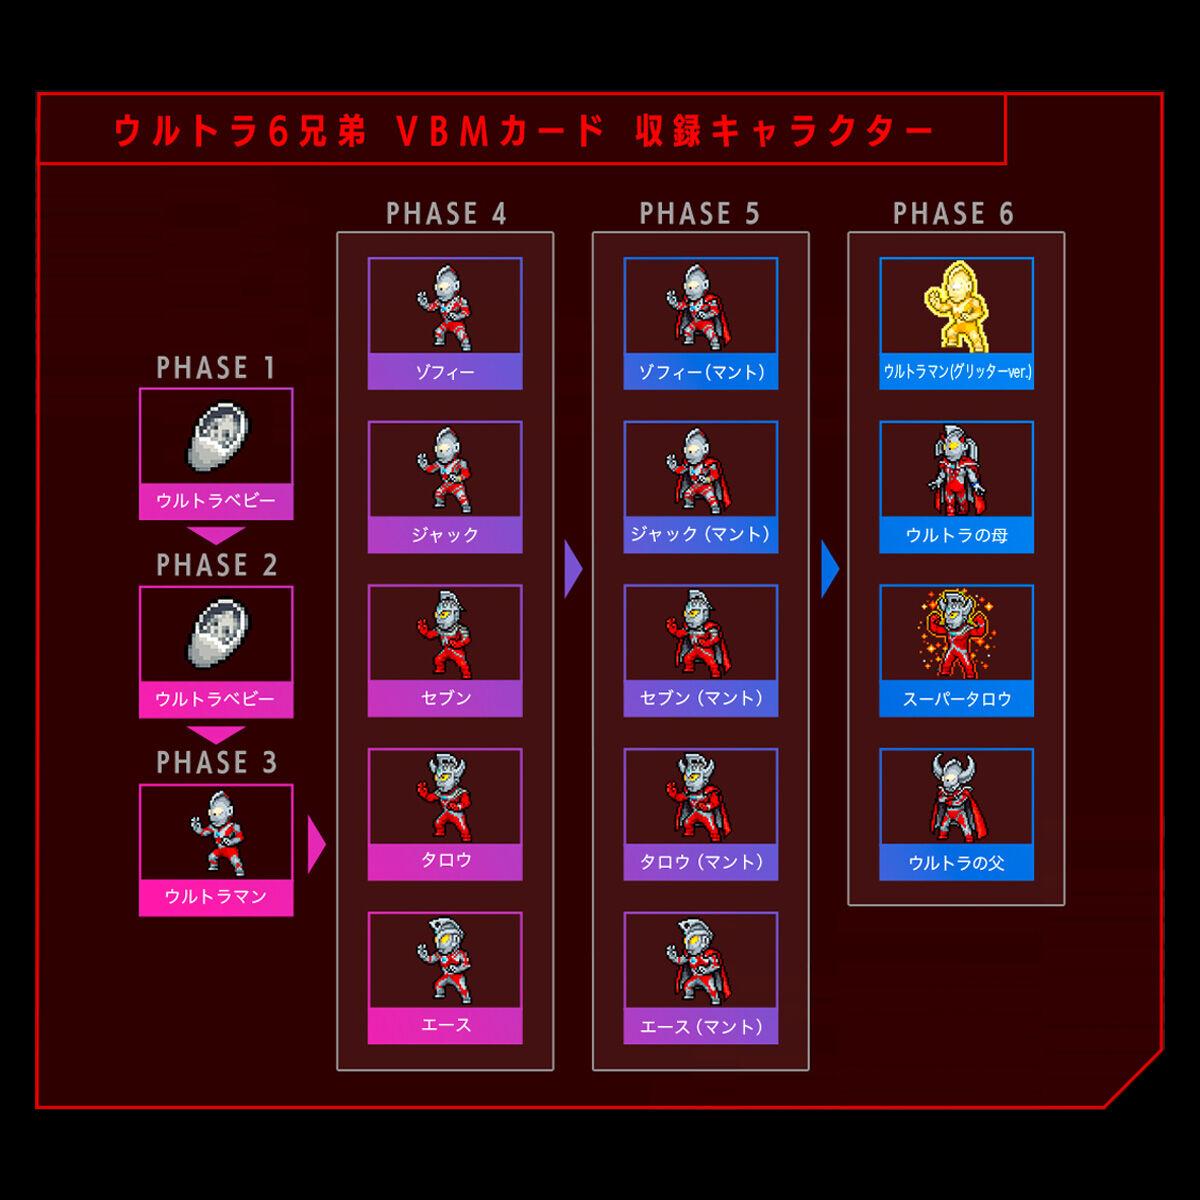 【限定販売】仮面ライダー『バイタルブレス キャラクターズ ウルトラマン55thエディション』ウェアラブル液晶玩具-005